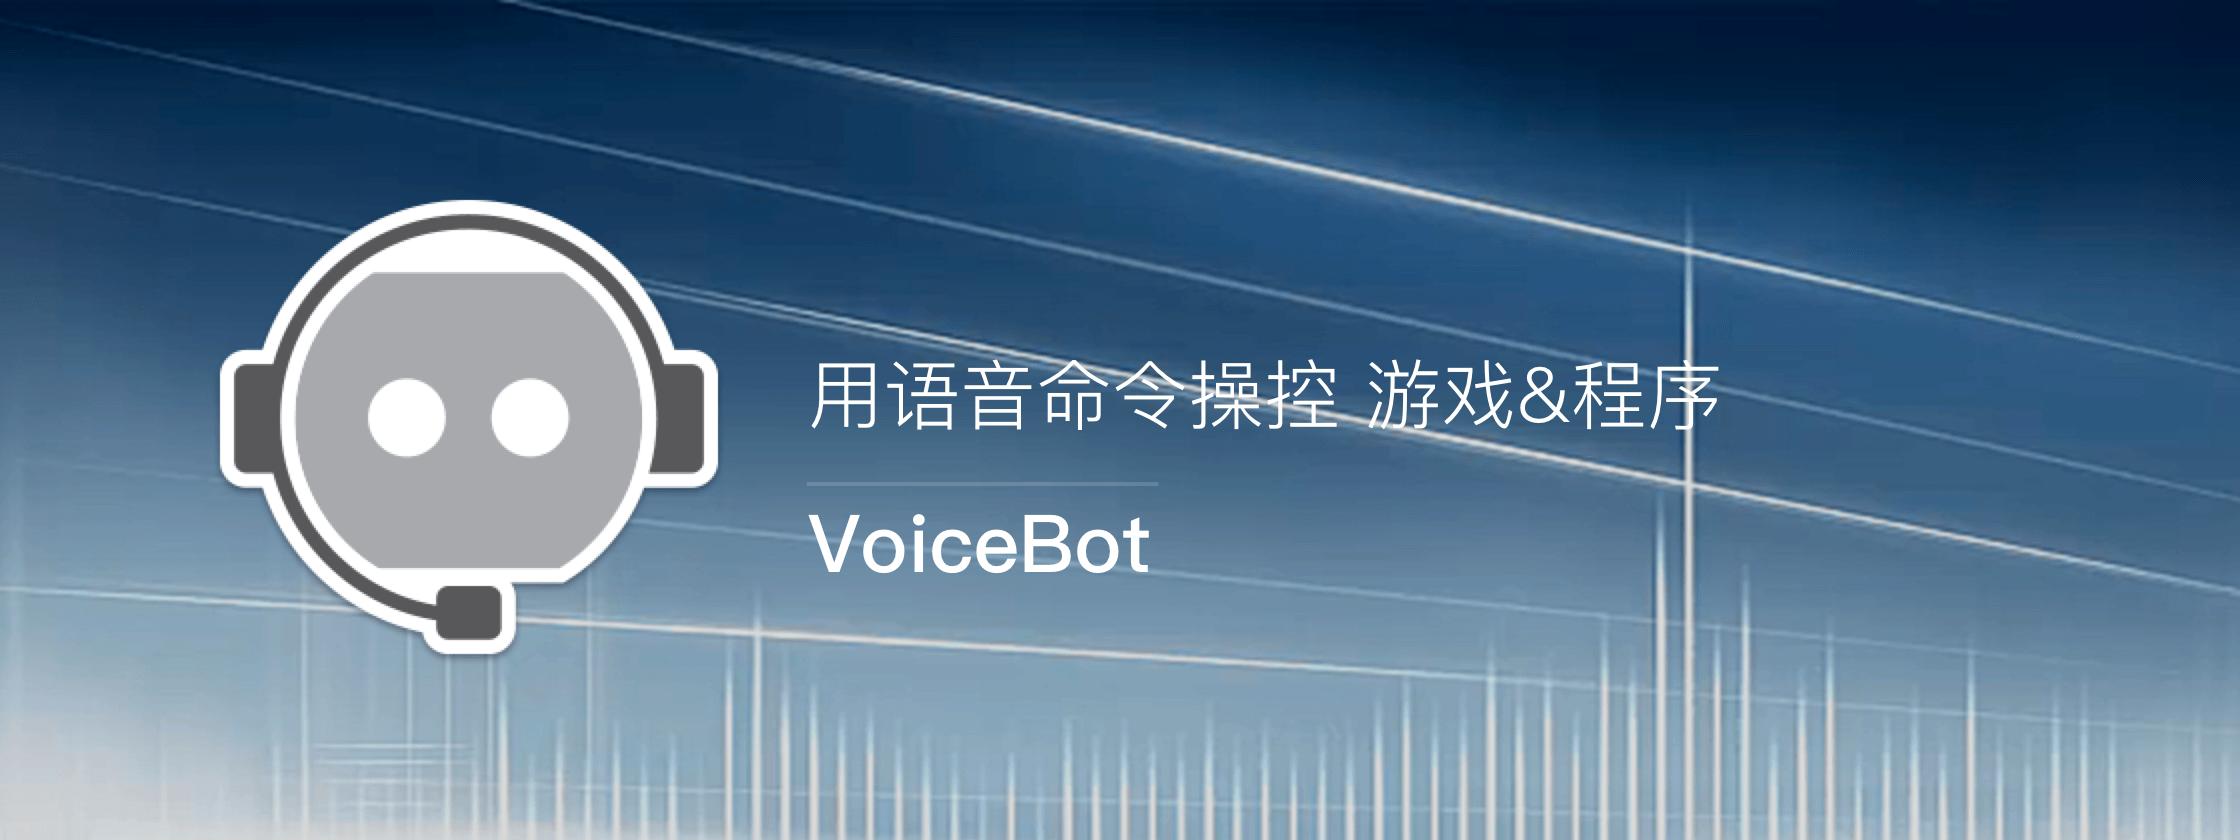 VoiceBot – 用语音命令操控 游戏&程序